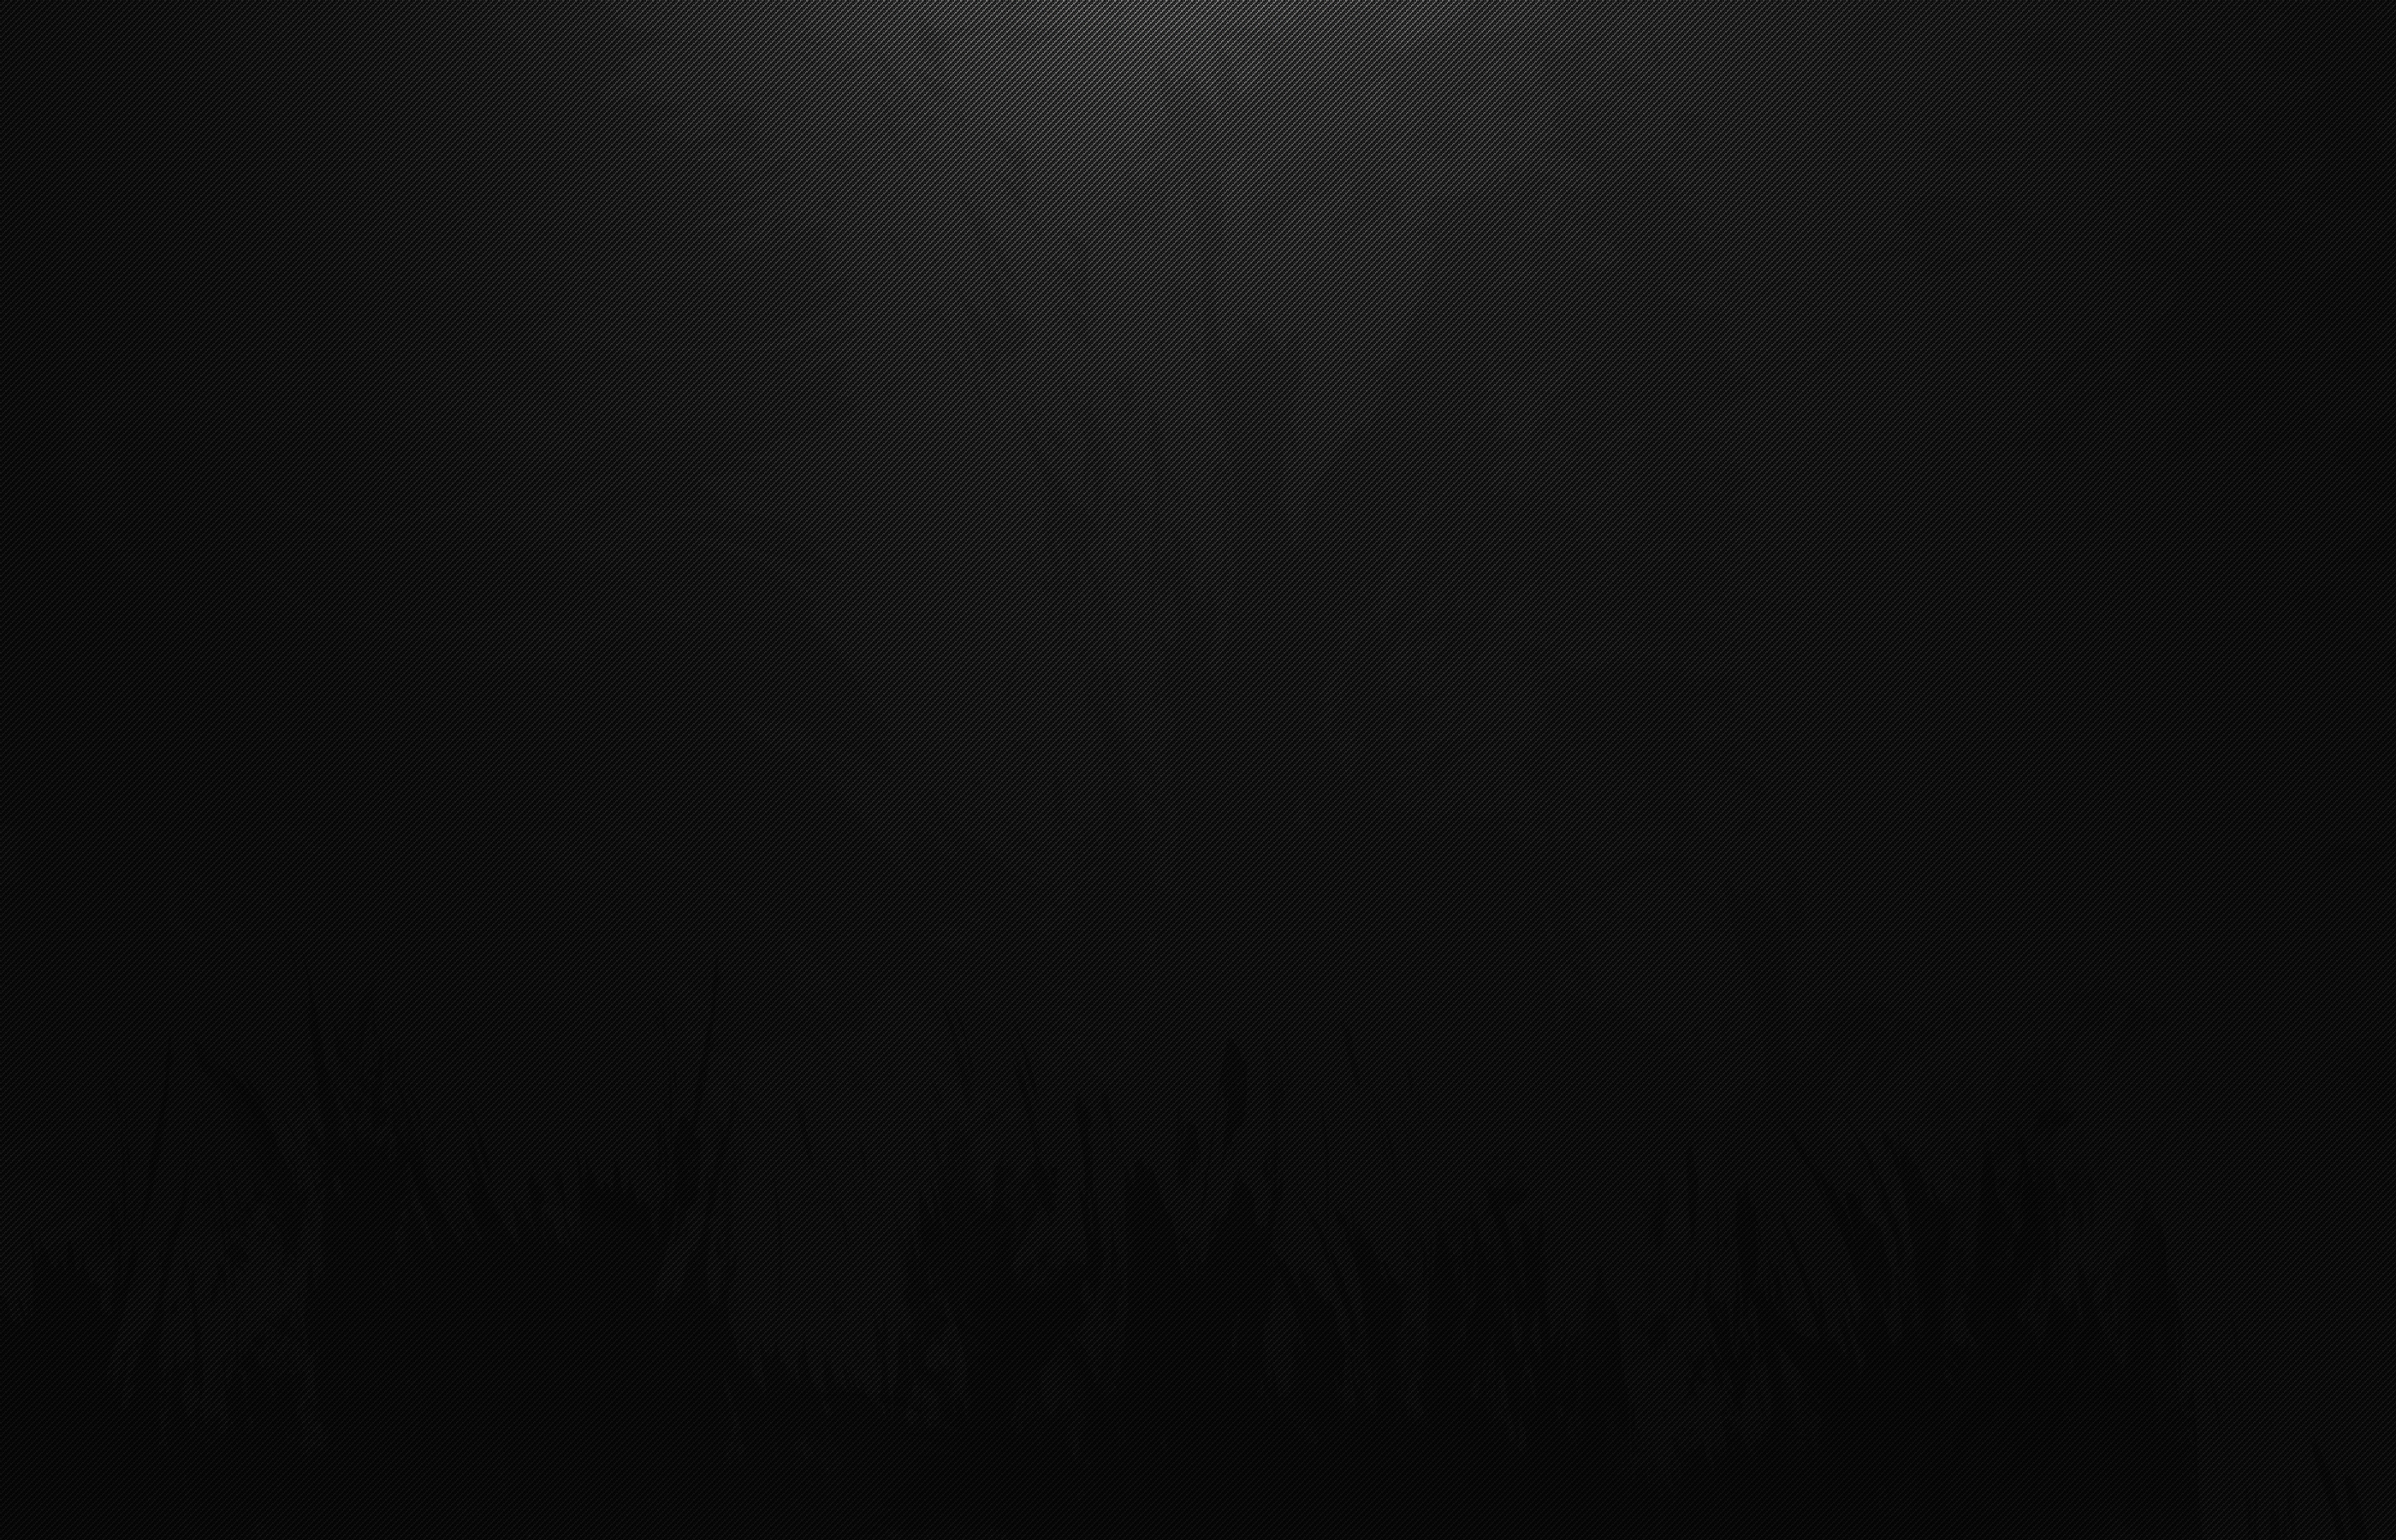 Dark Grey Wallpaper - WallpaperSafari